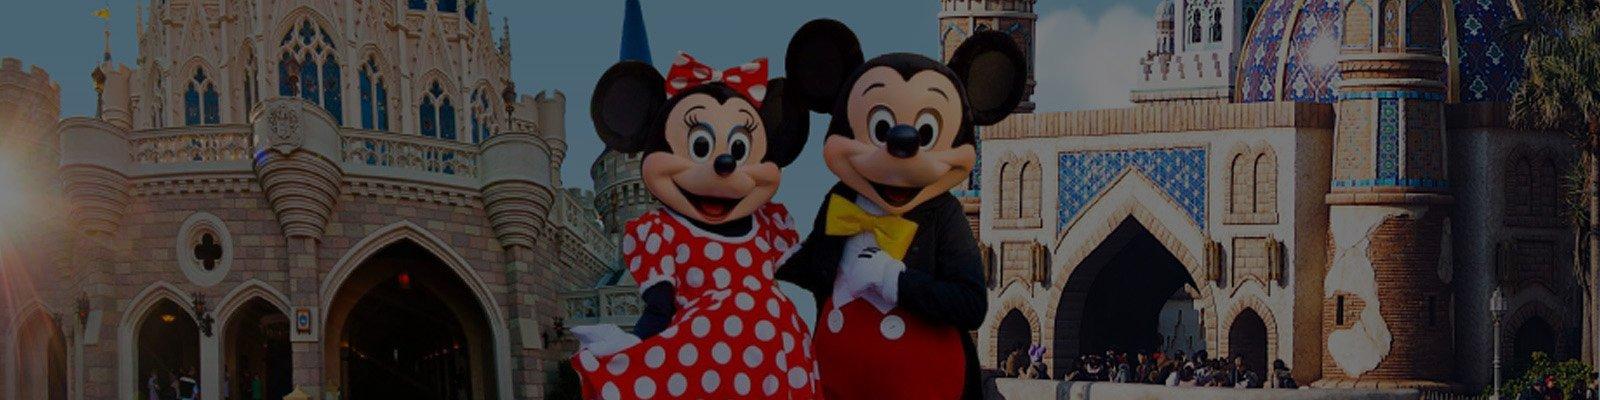 Viagens para Disney 4